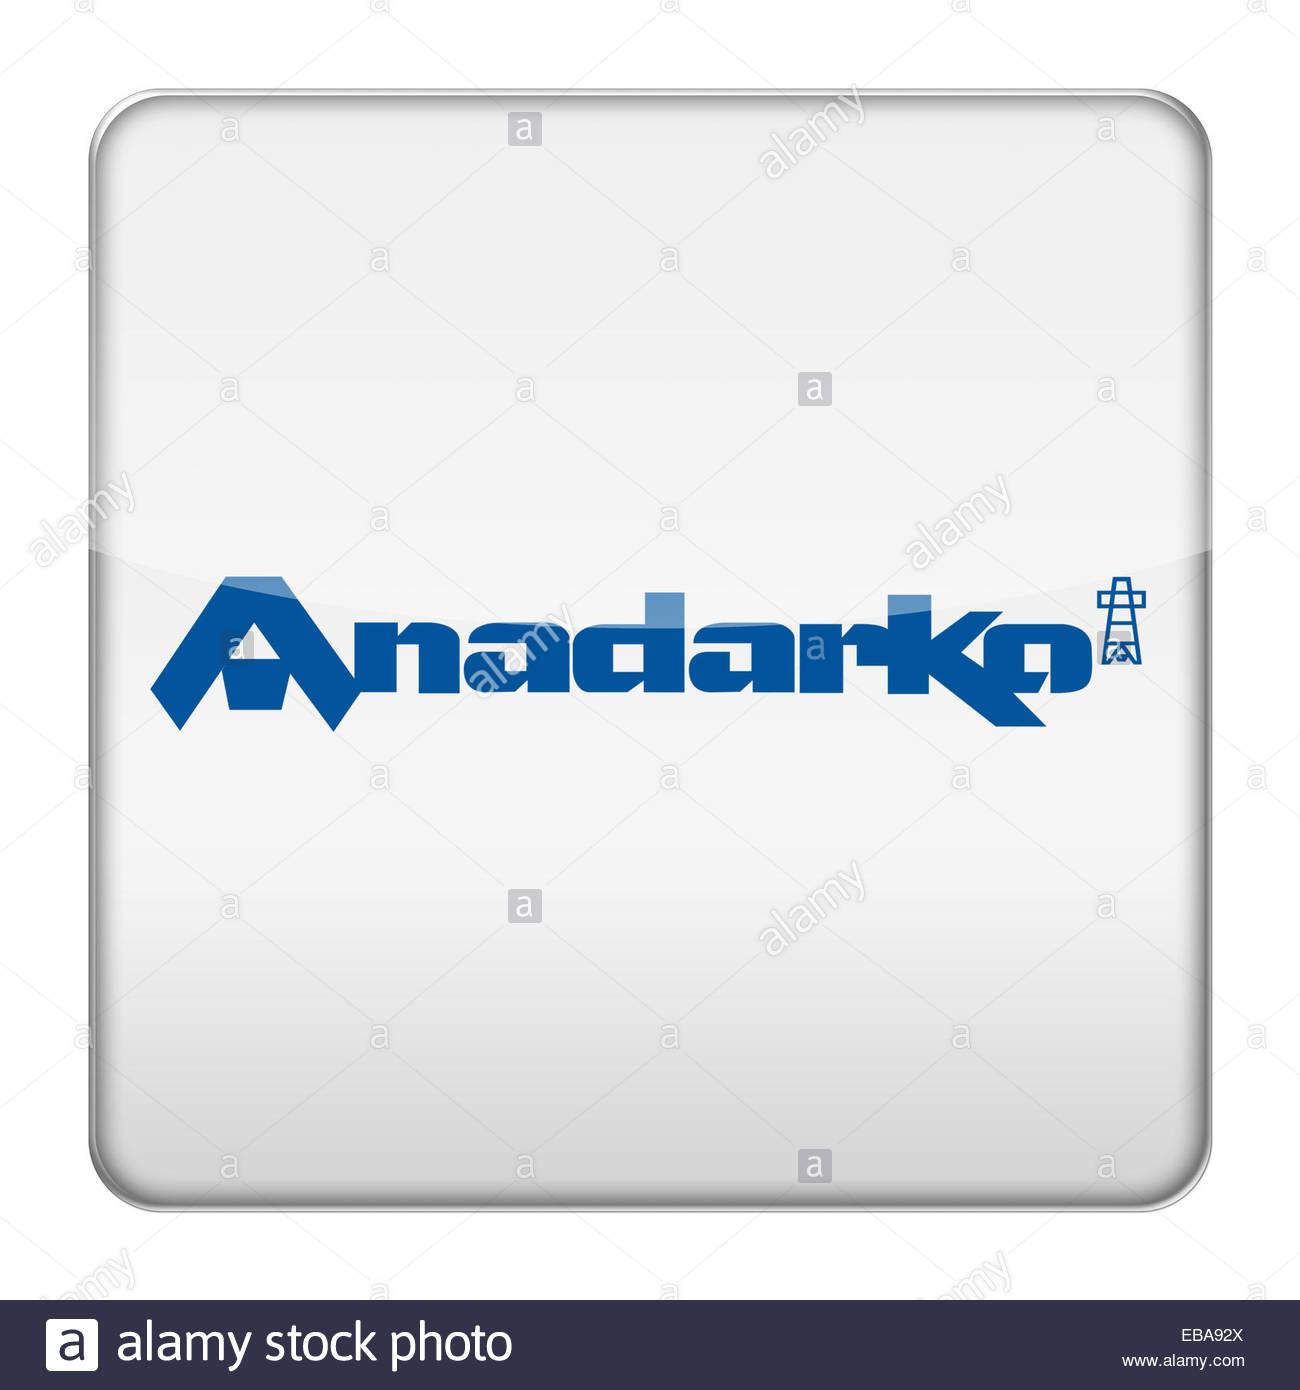 Anadarko Petroleum fracking company logo icon - Stock Image